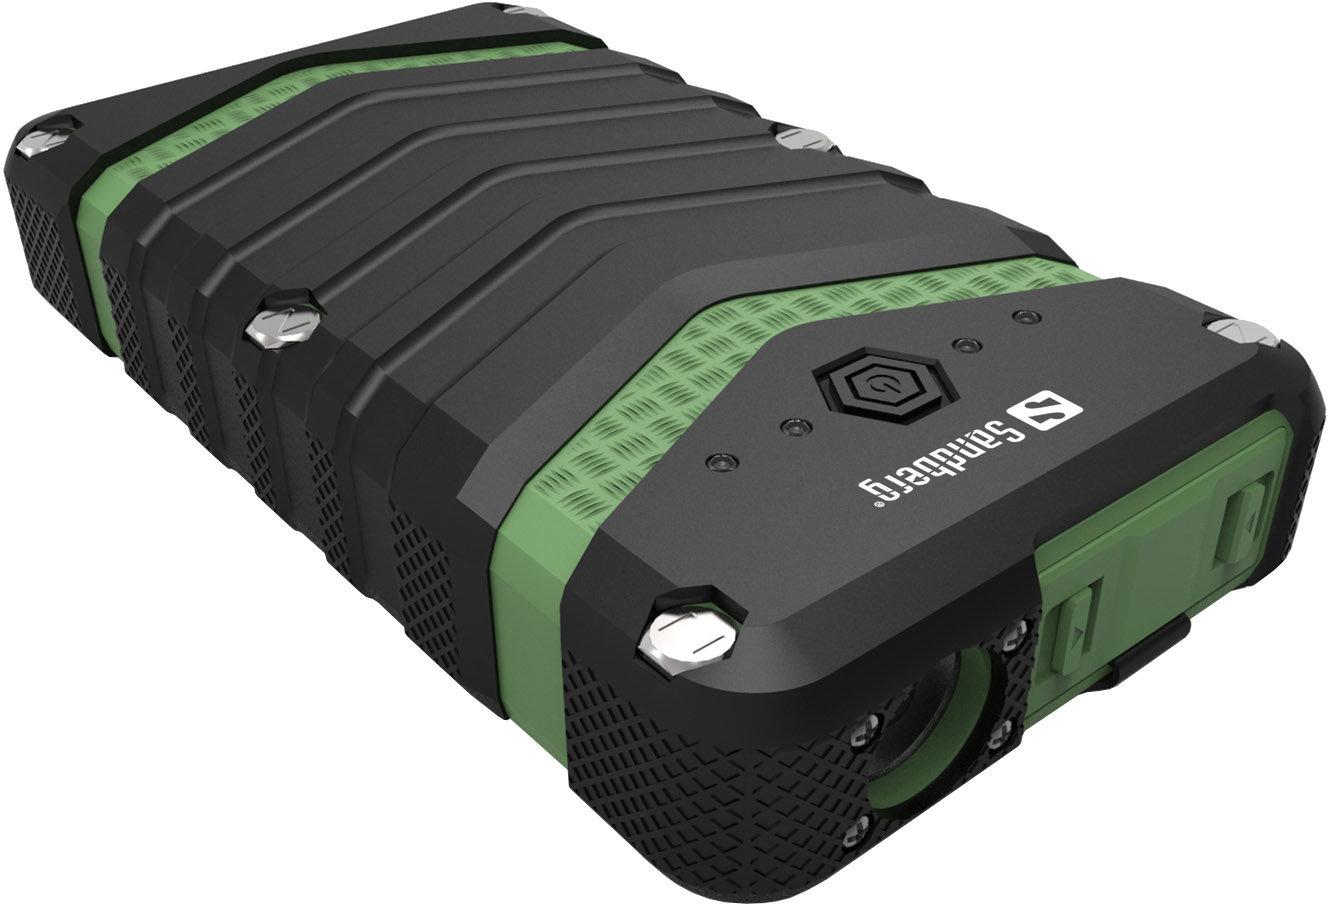 Sandberg přenosný zdroj USB 20100 mAh, Survivor Outdoor, pro chytré telefony, černozelený - 420-36